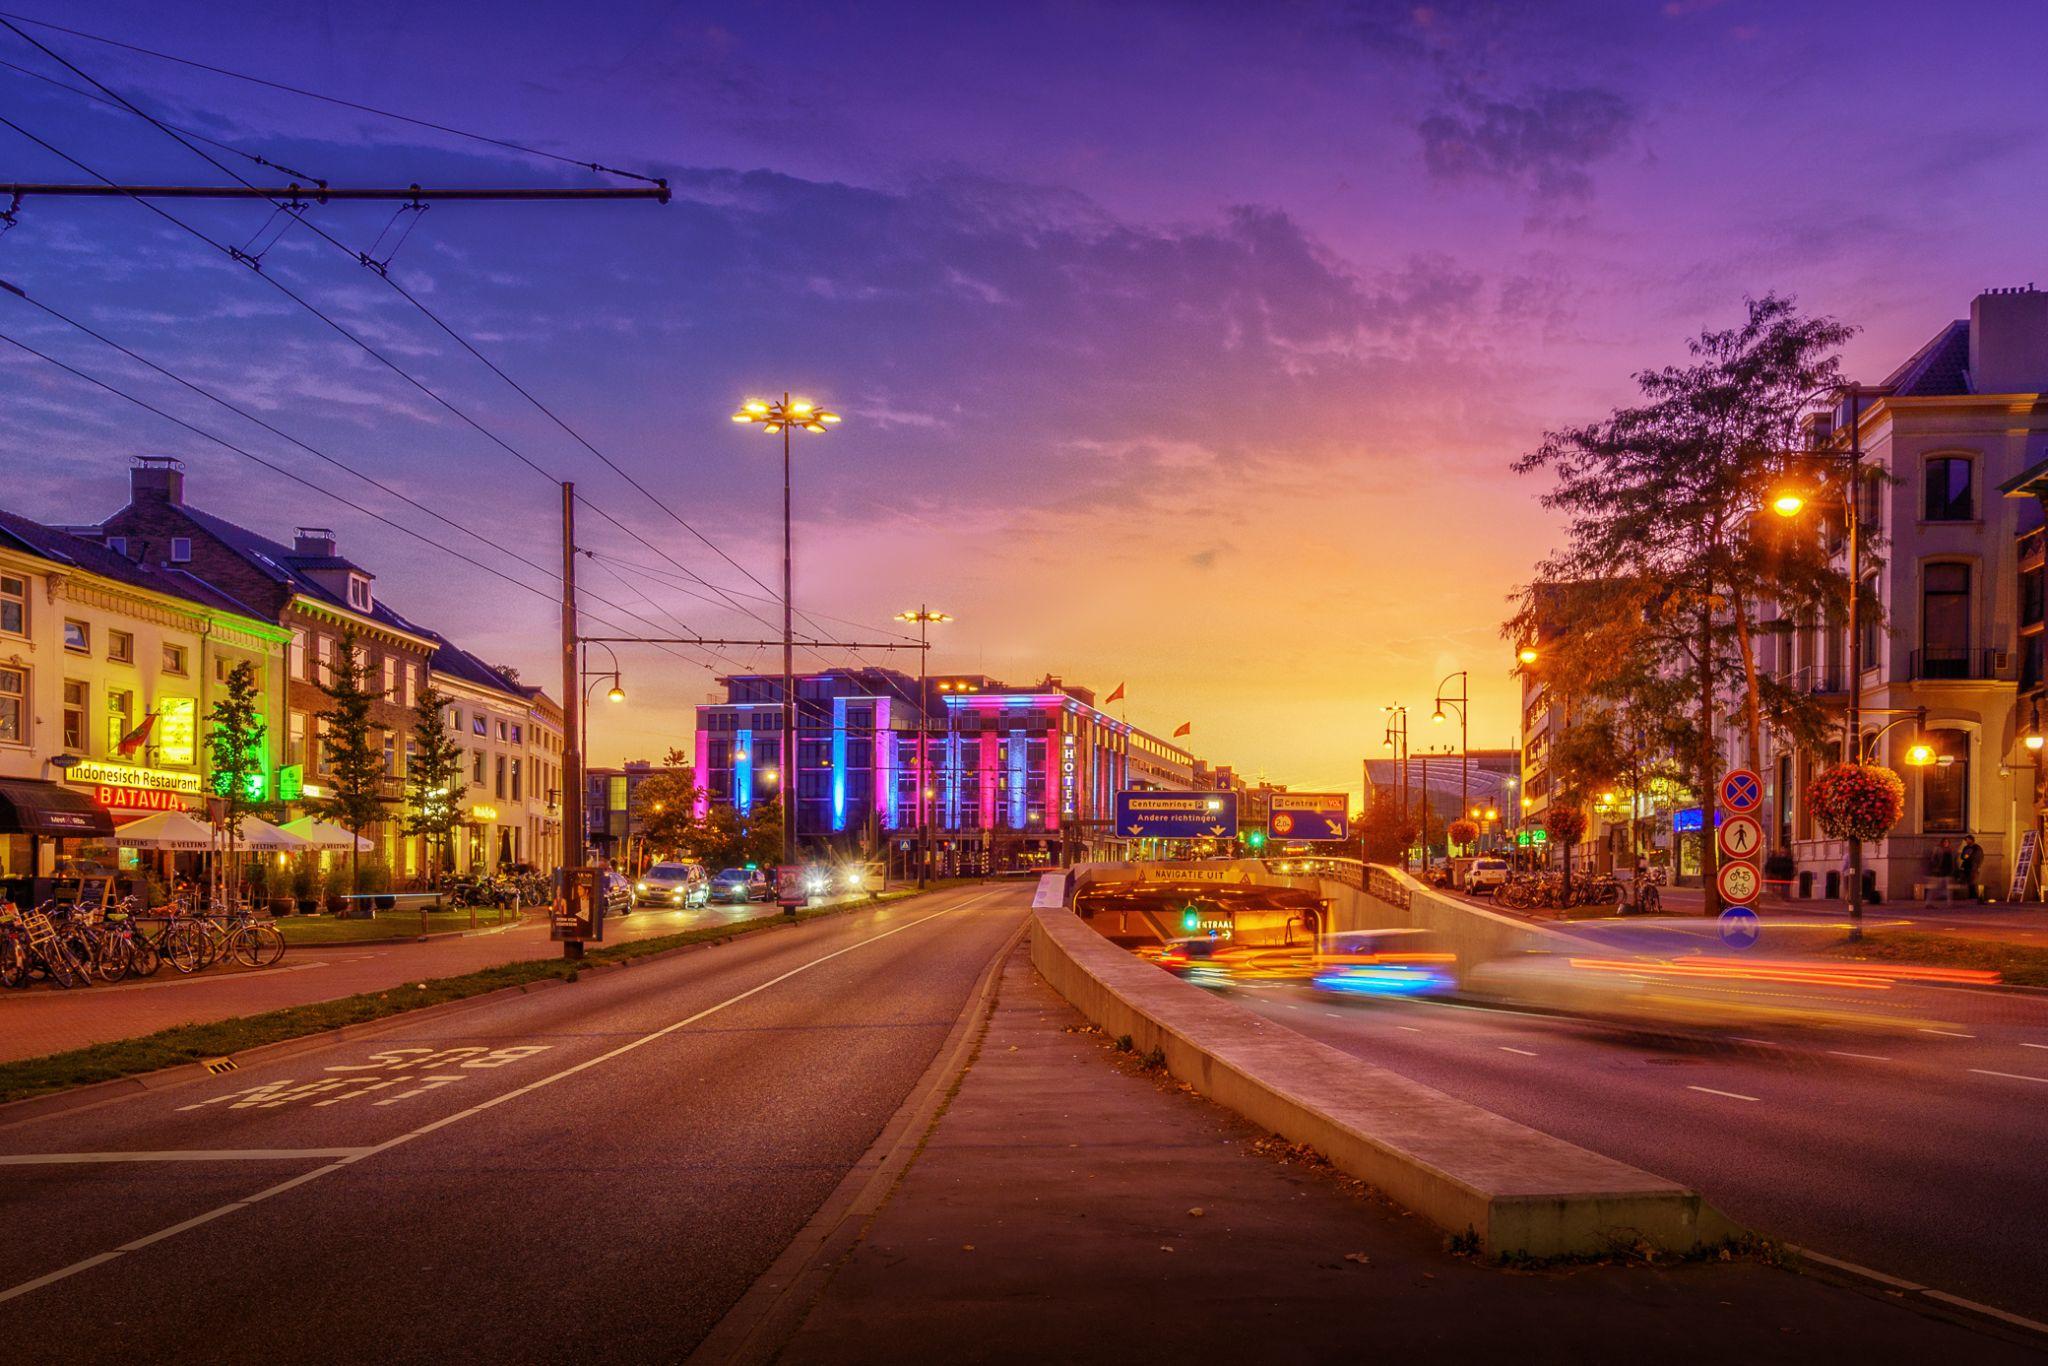 Arnhem Center at night, Netherlands